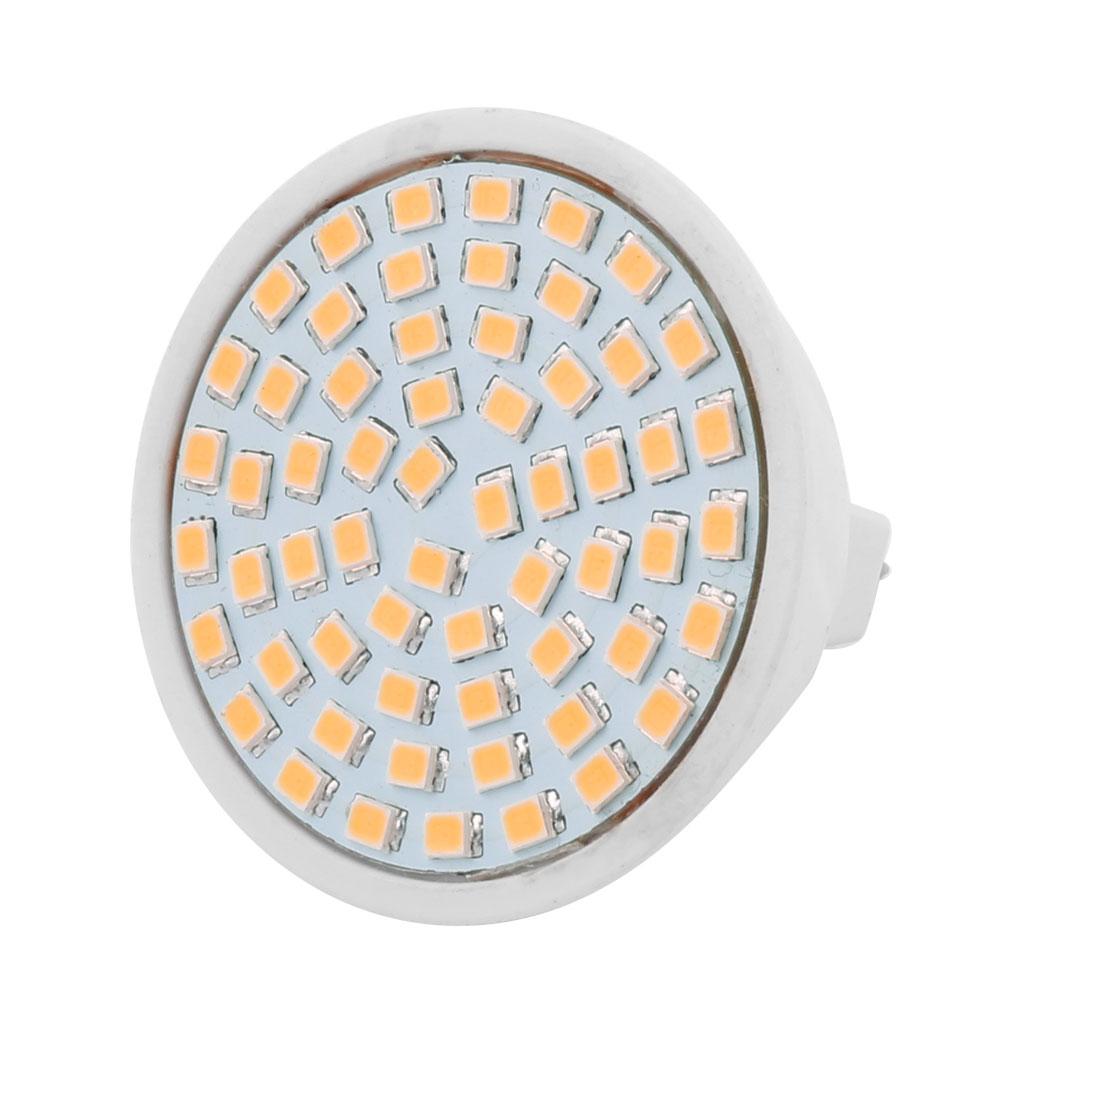 DC 12V 4W MR16 3528 SMD 60 LEDs LED Bulb Light Spotlight Lamp Lighting Warm White